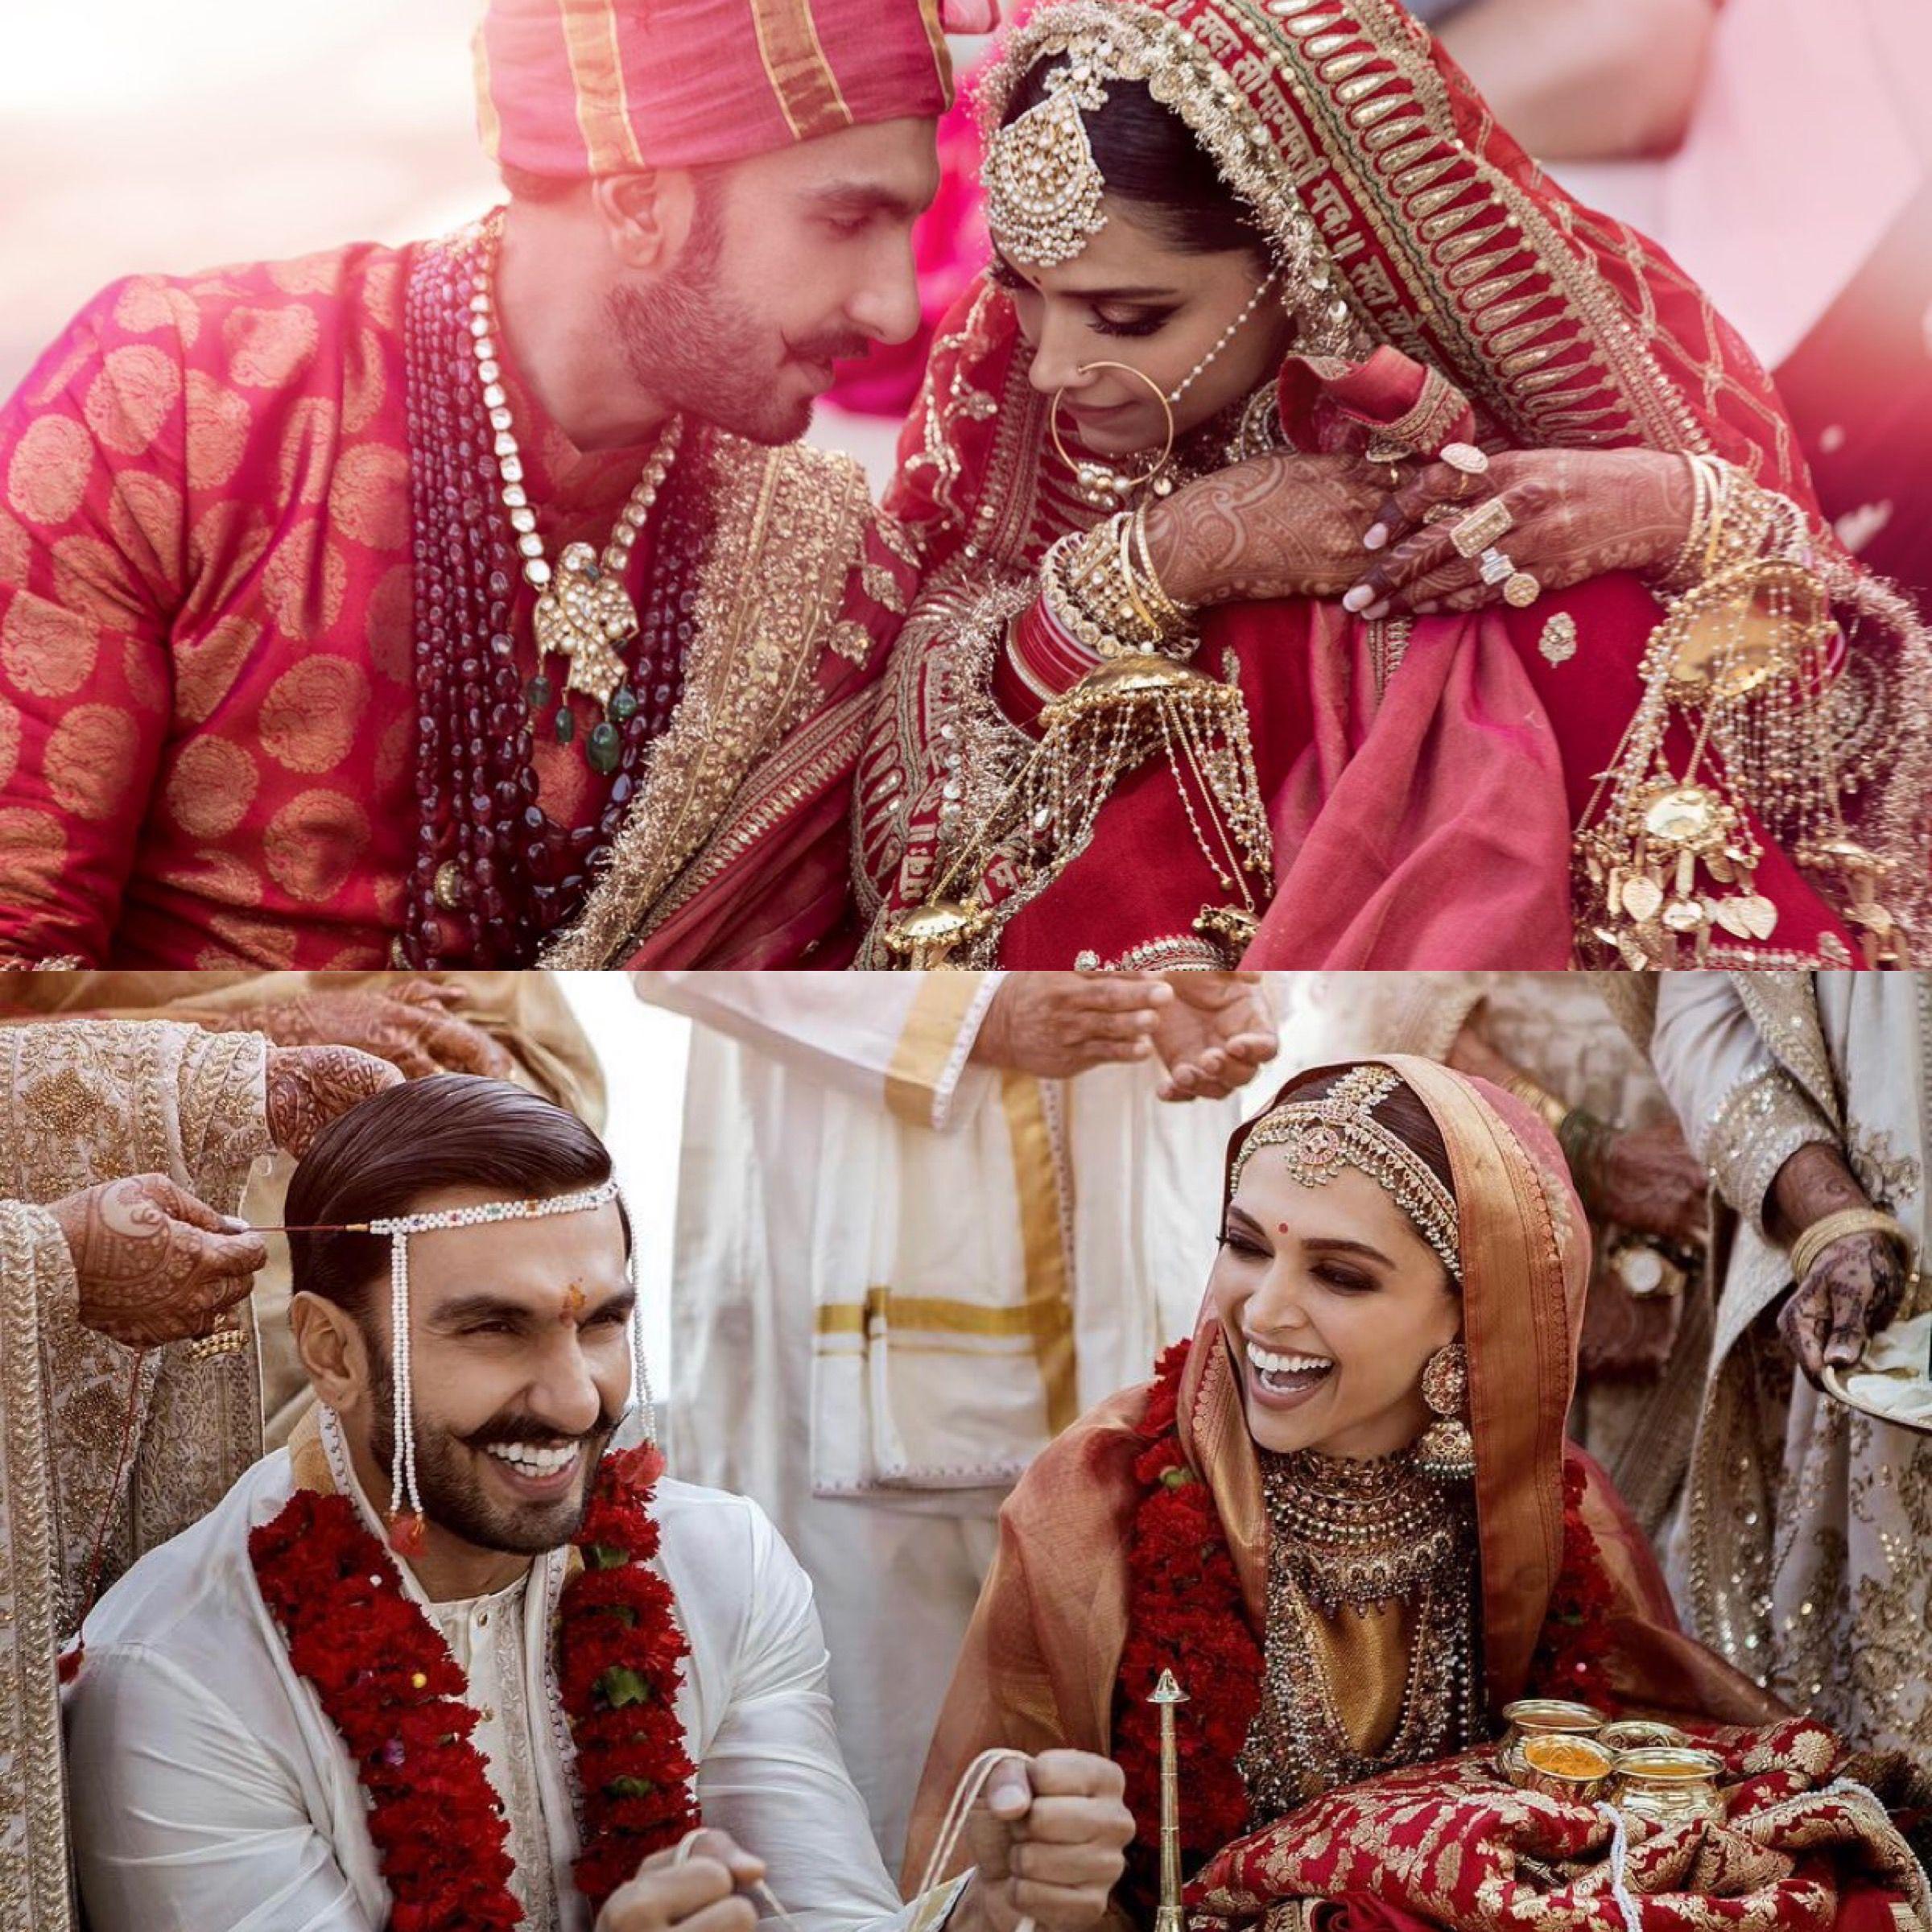 Pin By Elana Marino On Love Ranveer Singh Deepika Padukone Happy Married Life